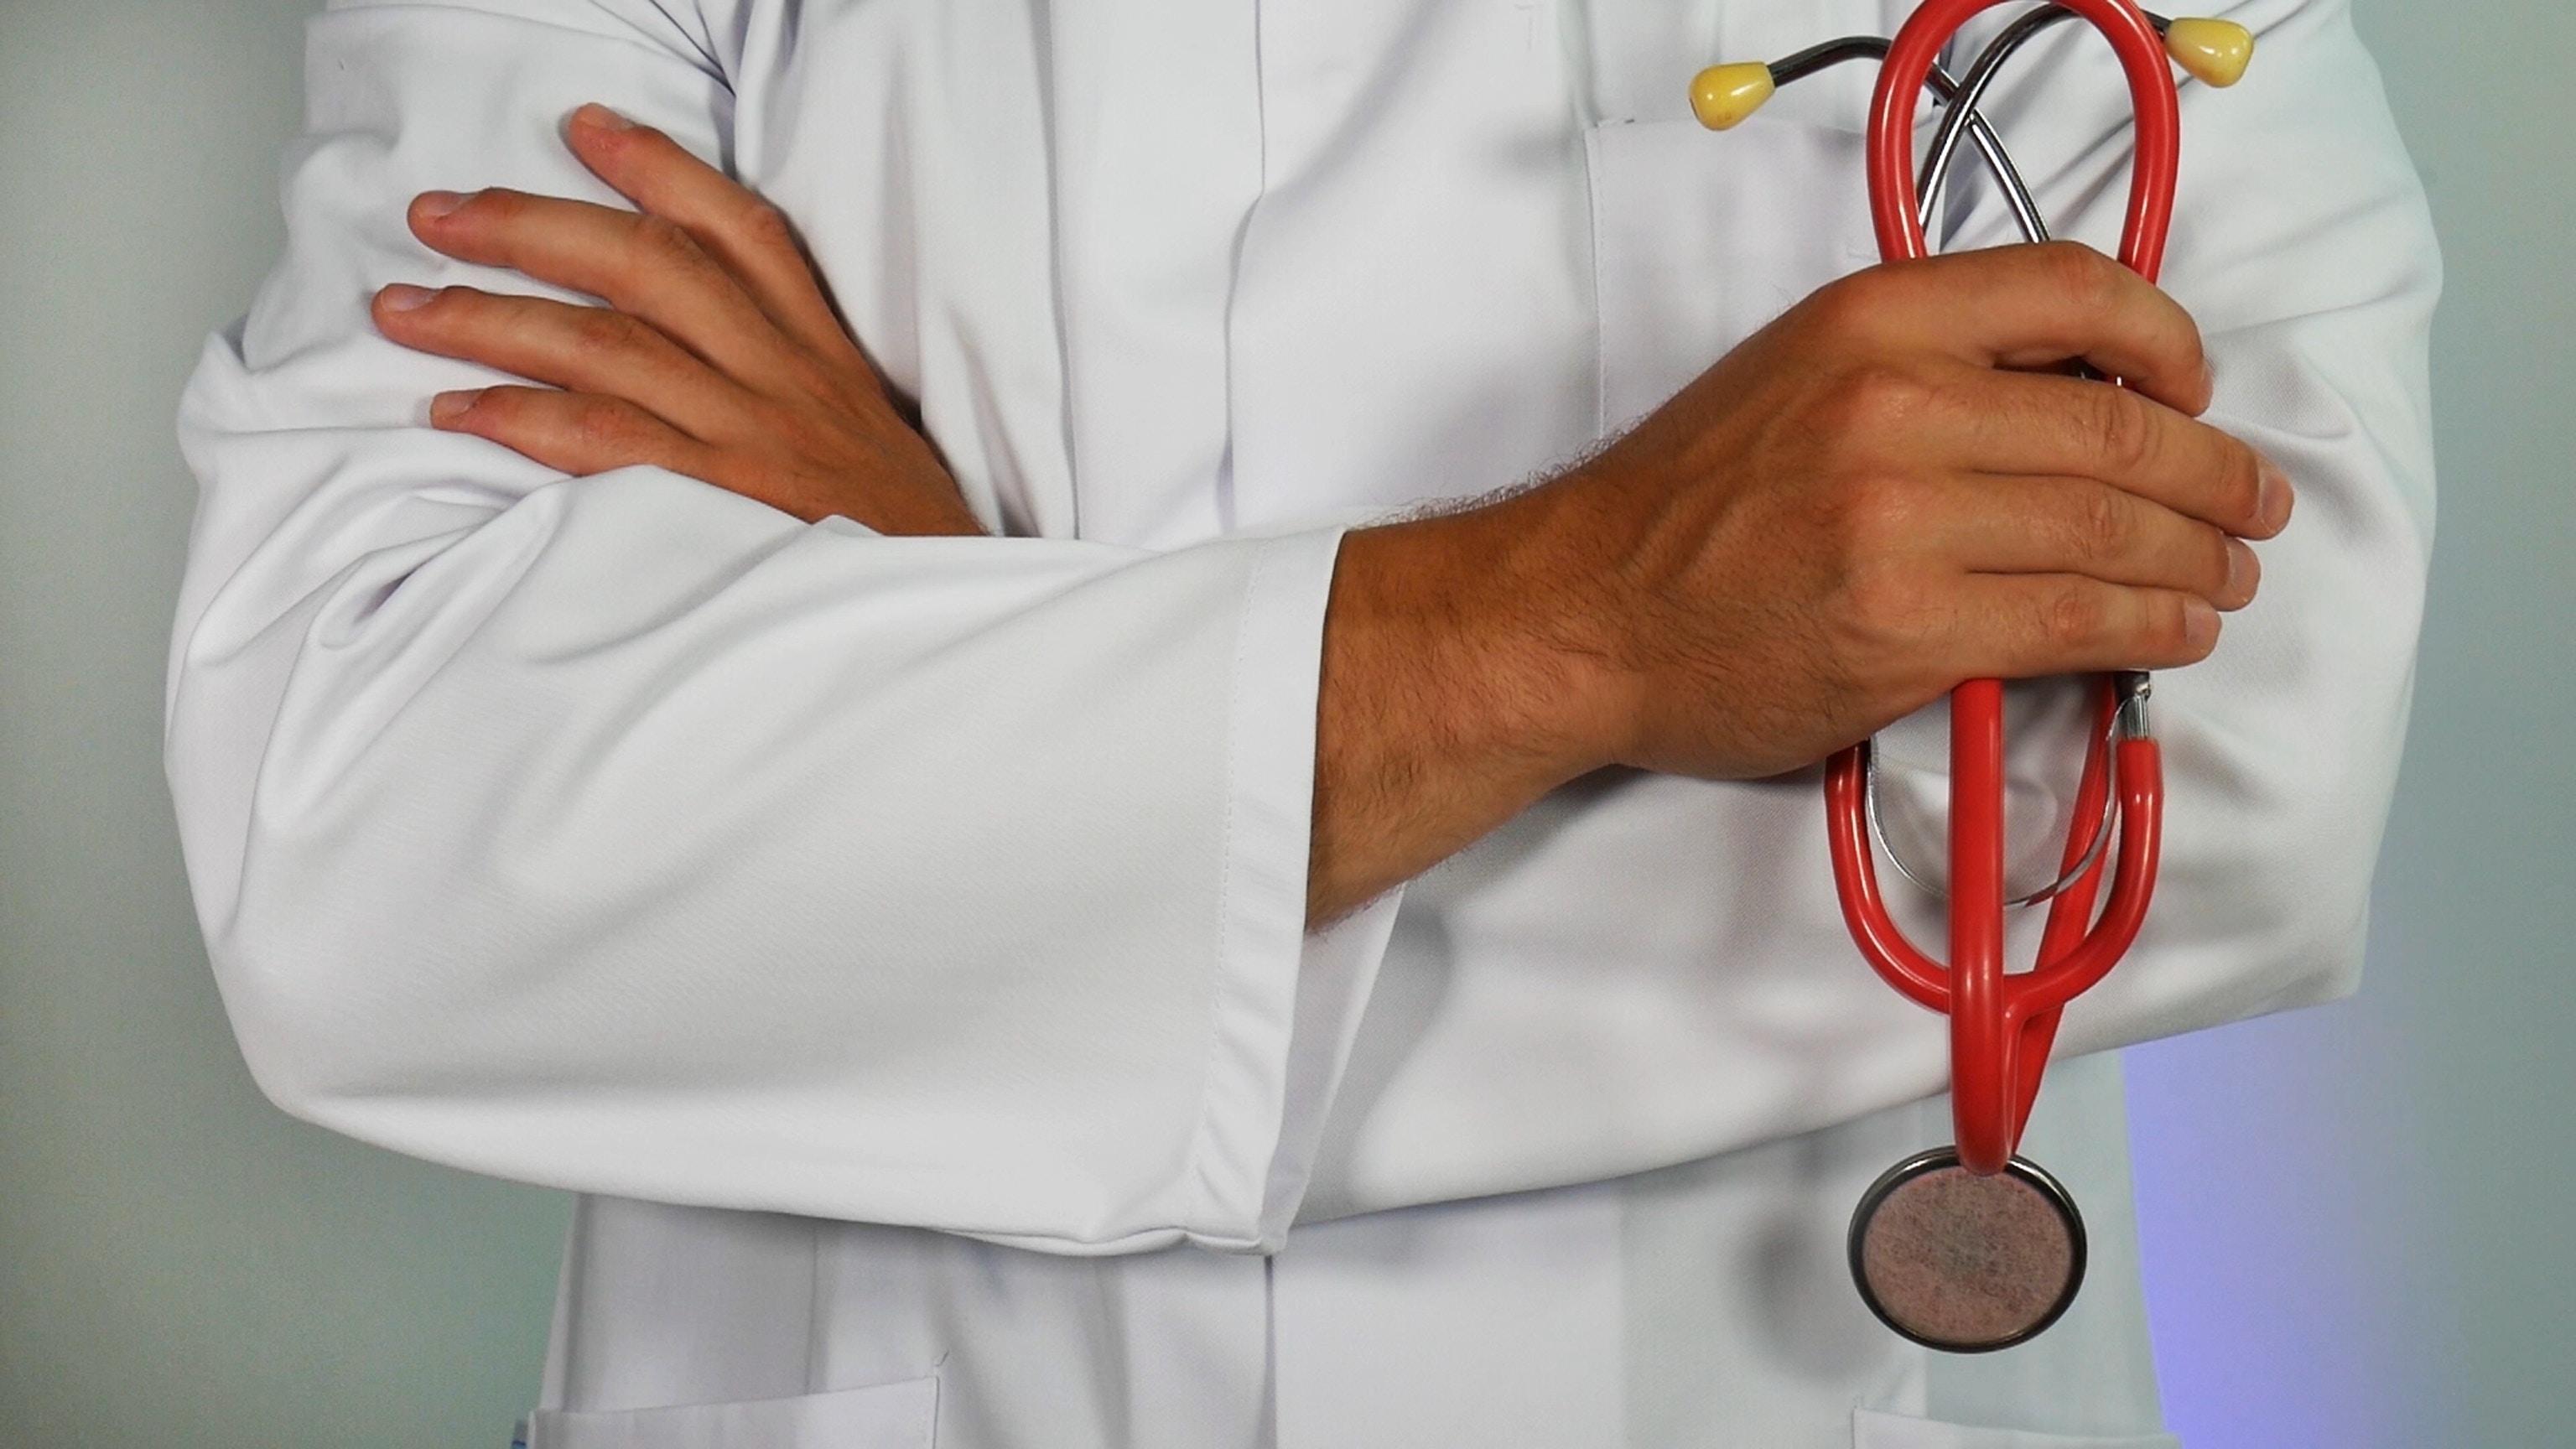 顺义妇儿 | 备孕前,医师竟让我做宫颈癌查看!这俩事有半毛钱联系吗?